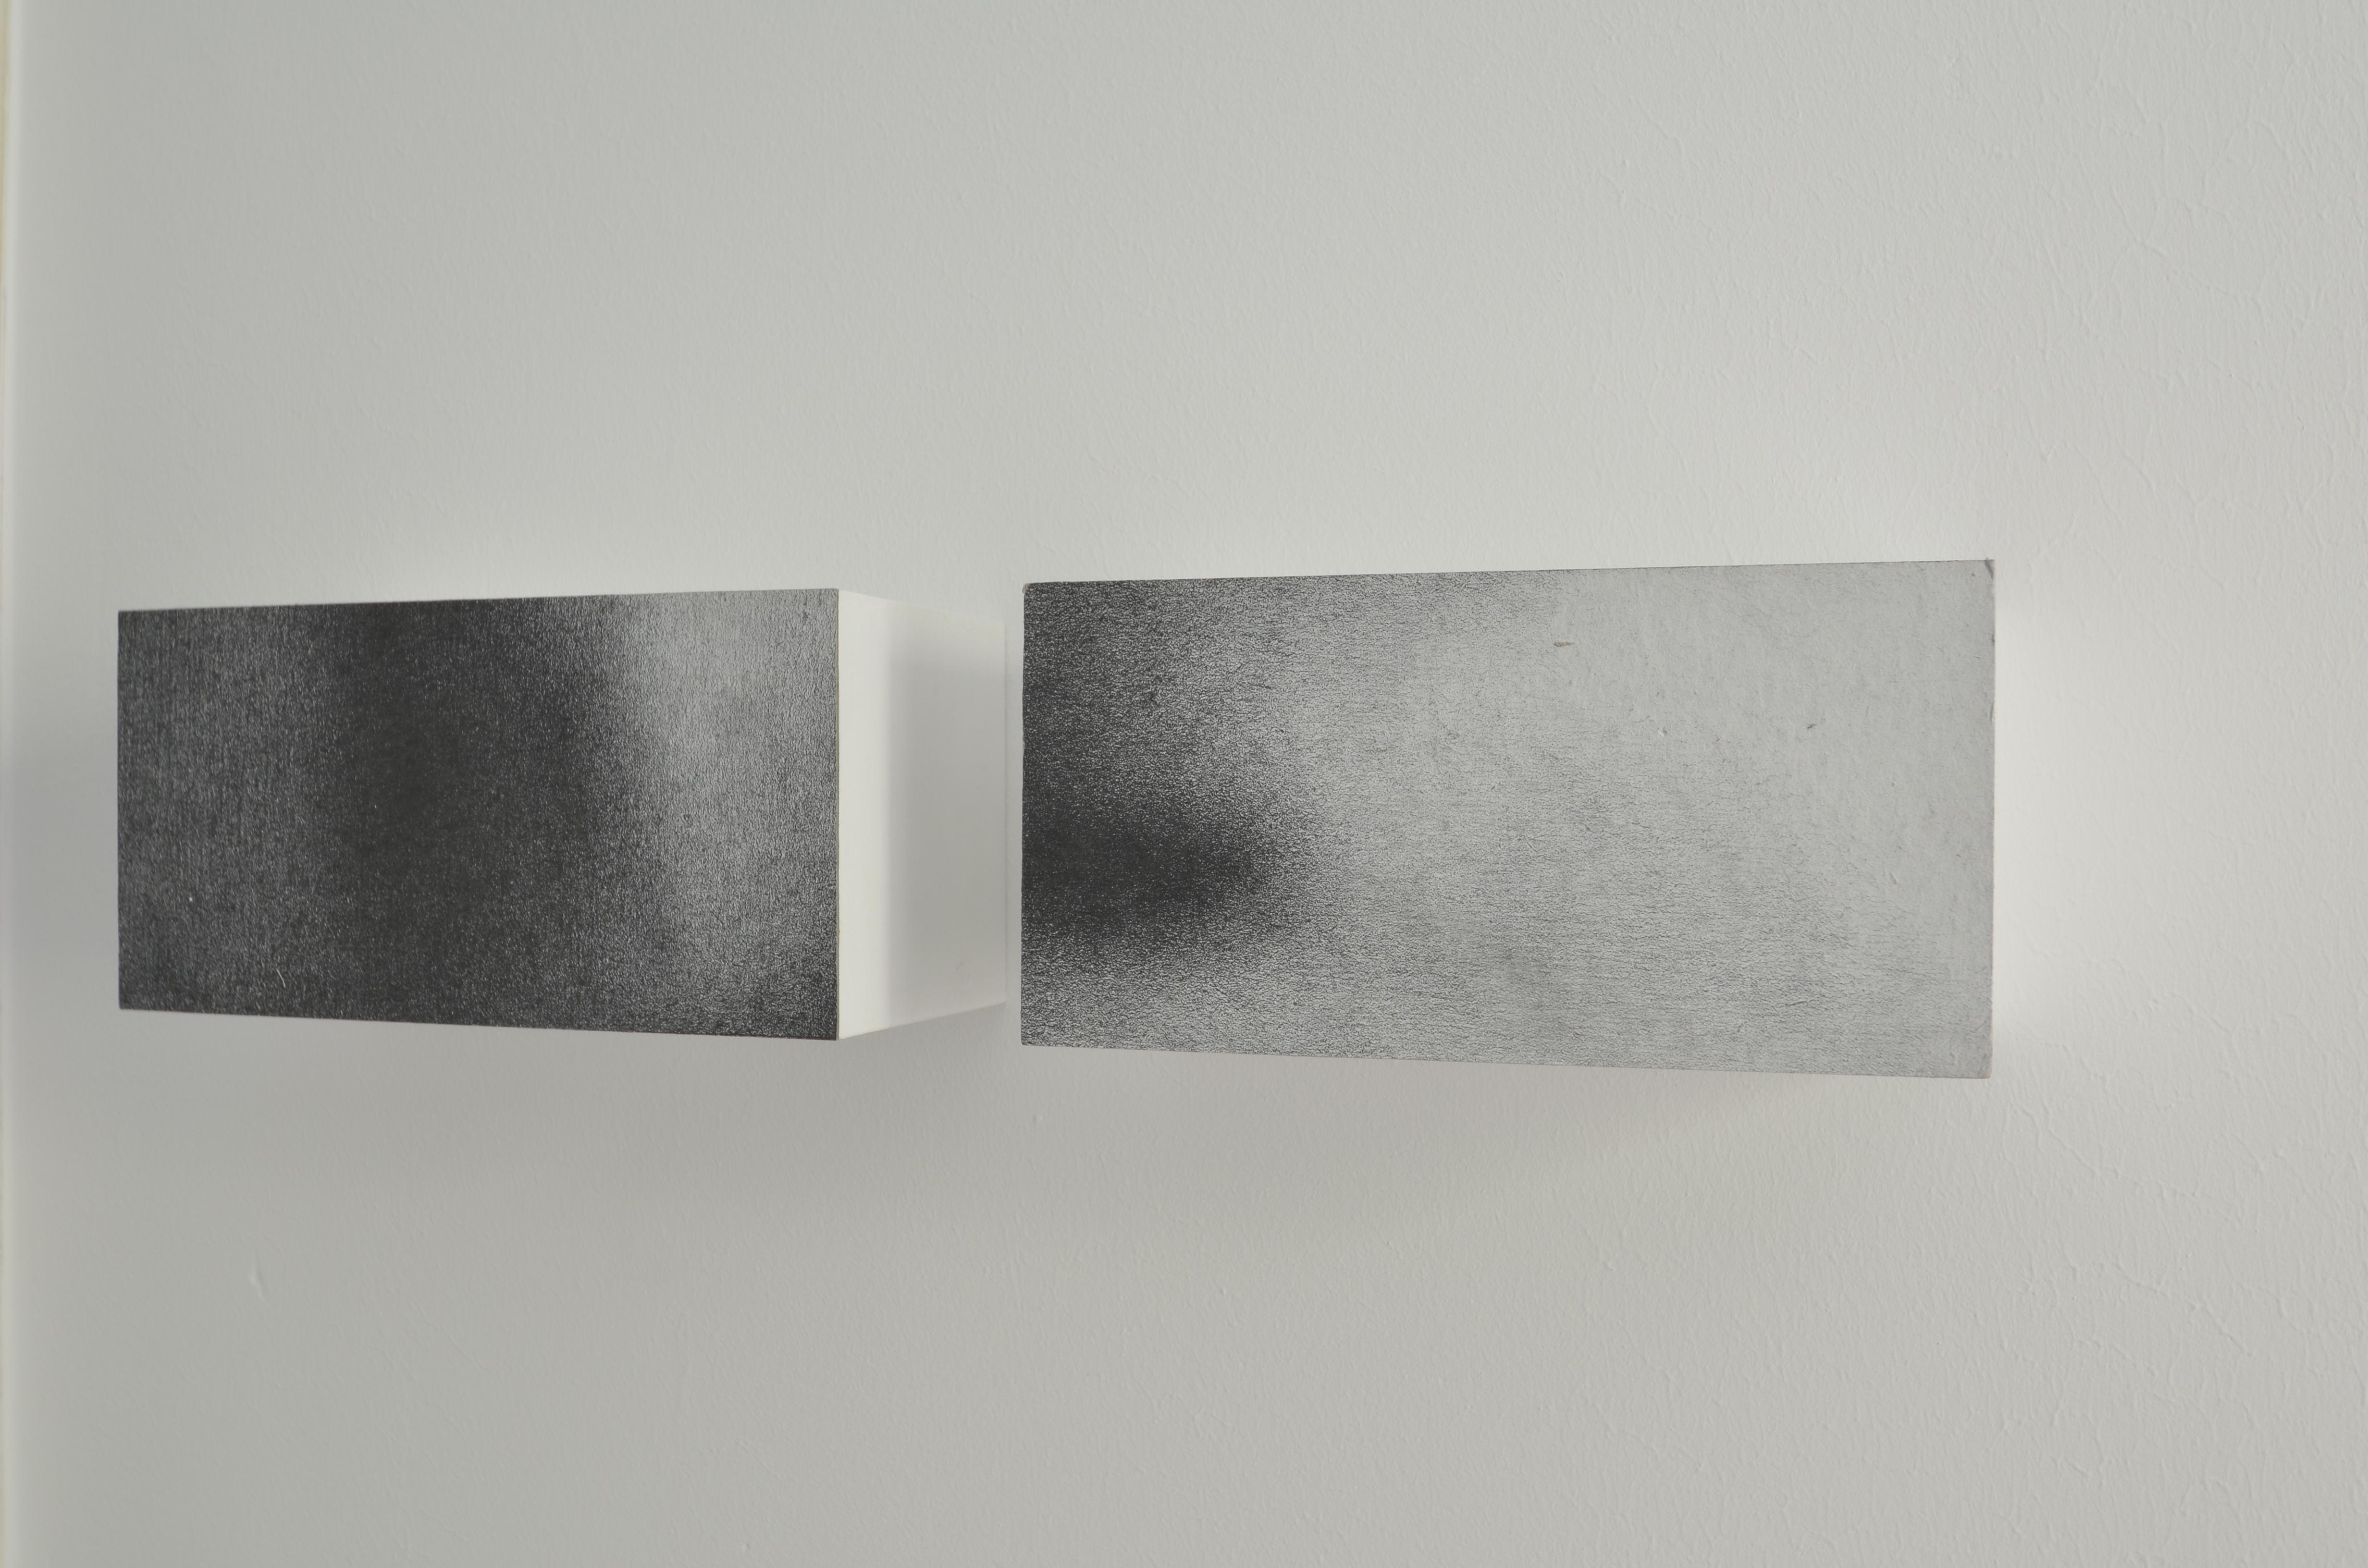 o.T., 2016, Zeichnung auf Filzpappe, 22 x 11 x 11cm